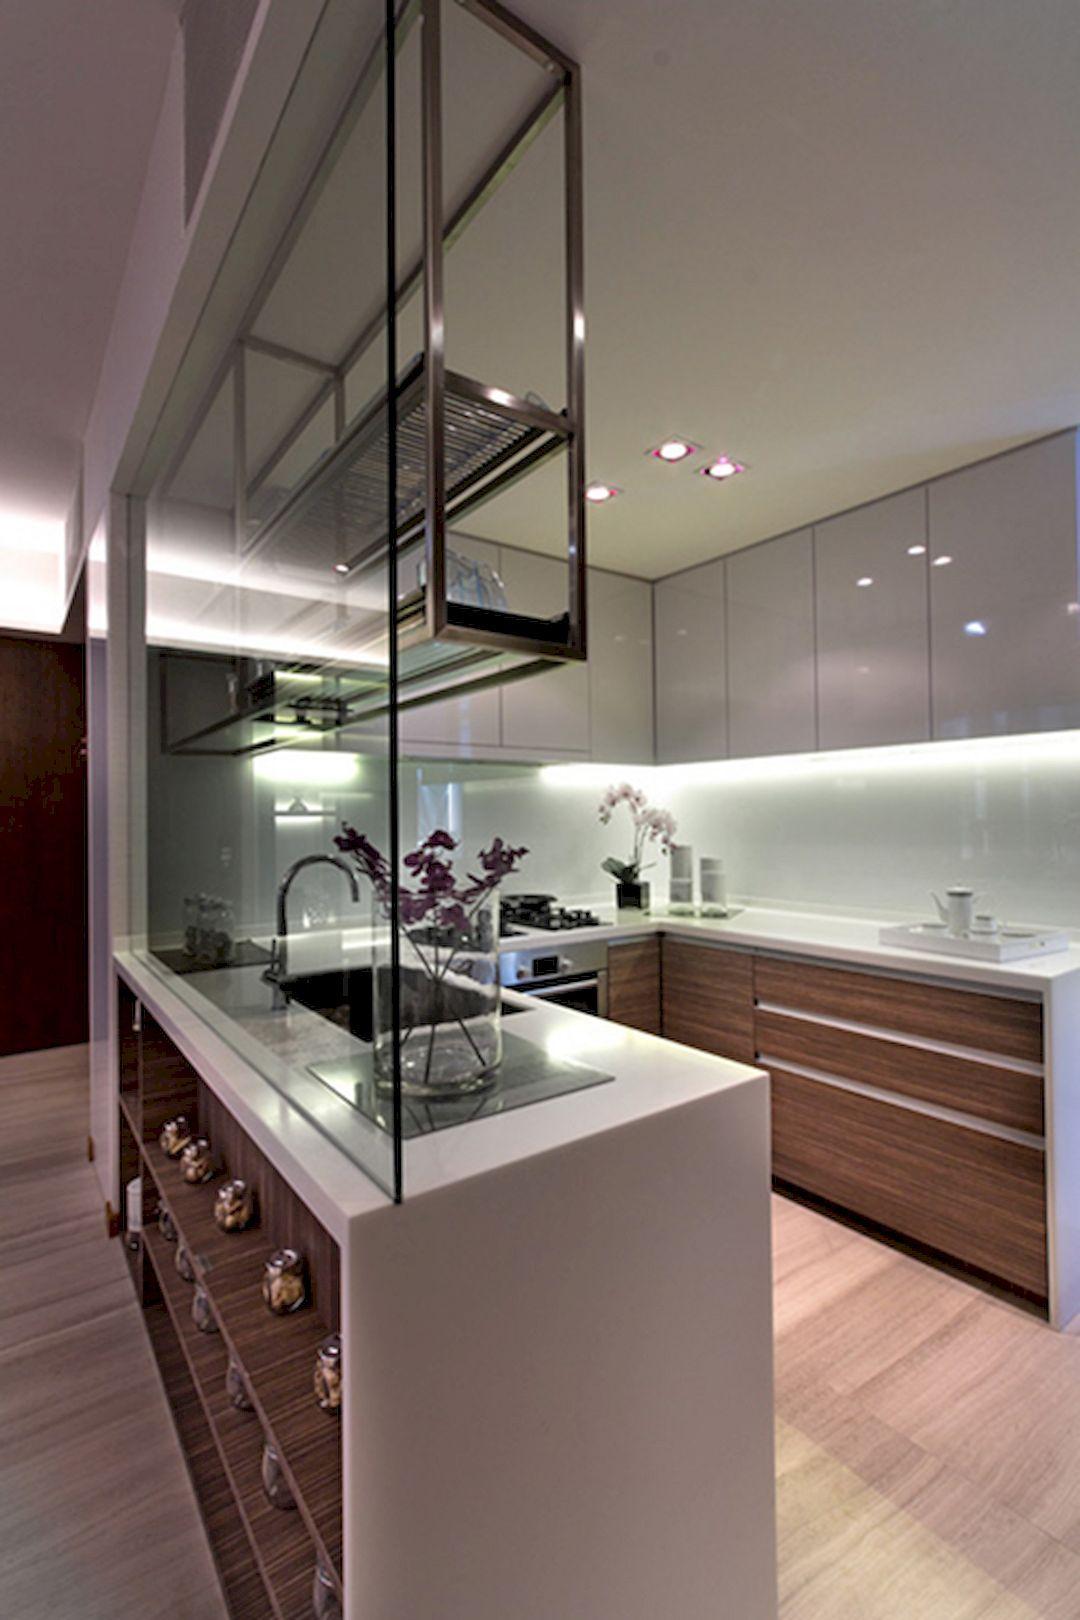 Kitchen Set Design Minimalist